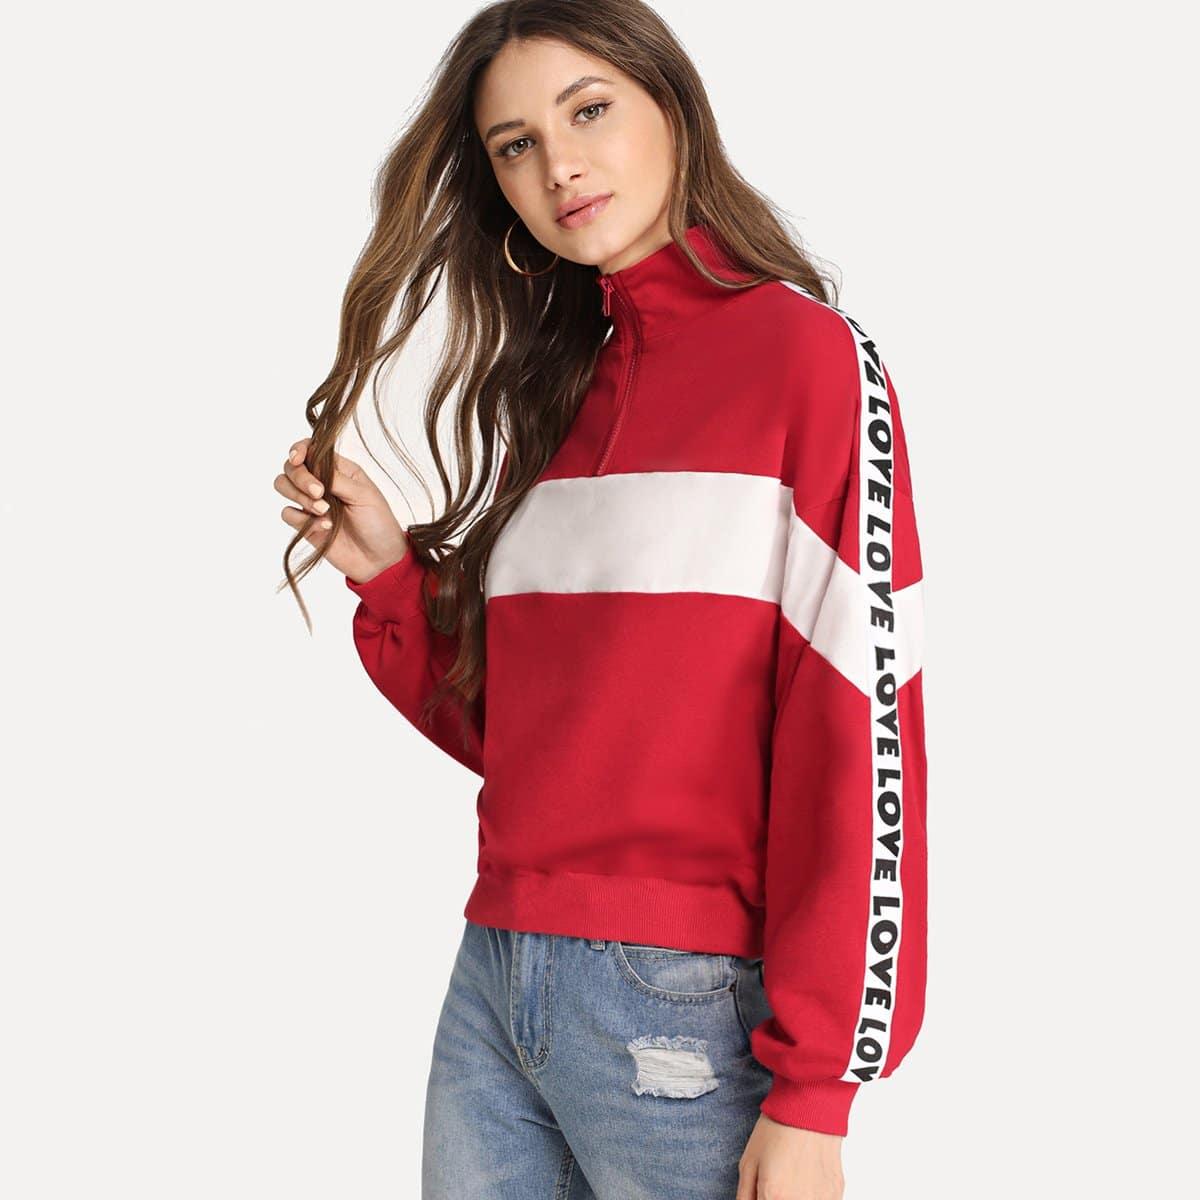 Rood Sporten Tekst Sweater Rits